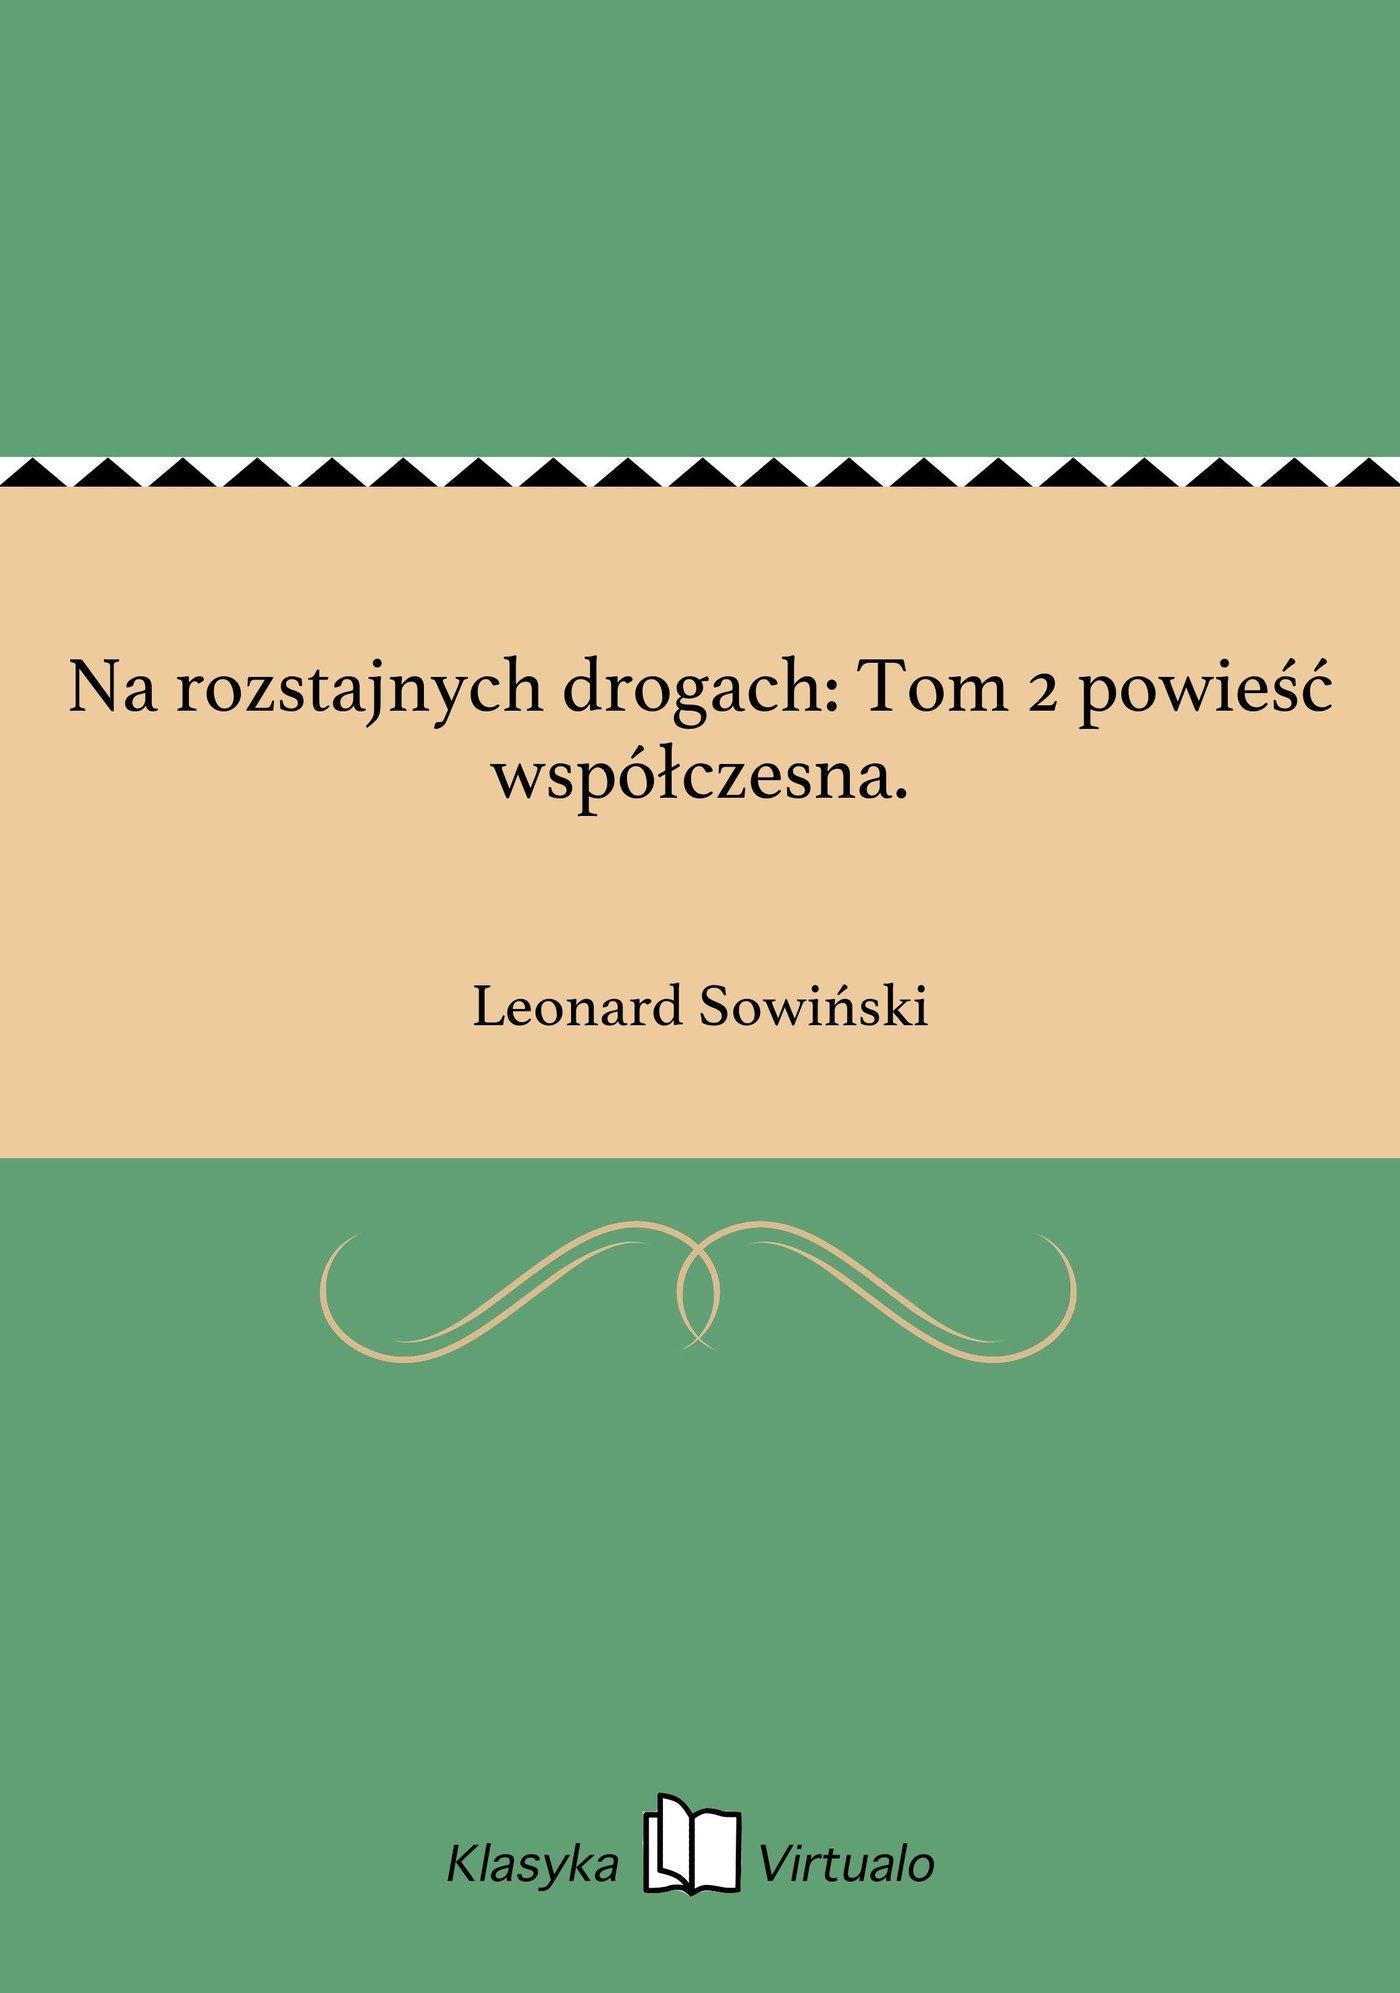 Na rozstajnych drogach: Tom 2 powieść współczesna. - Ebook (Książka na Kindle) do pobrania w formacie MOBI